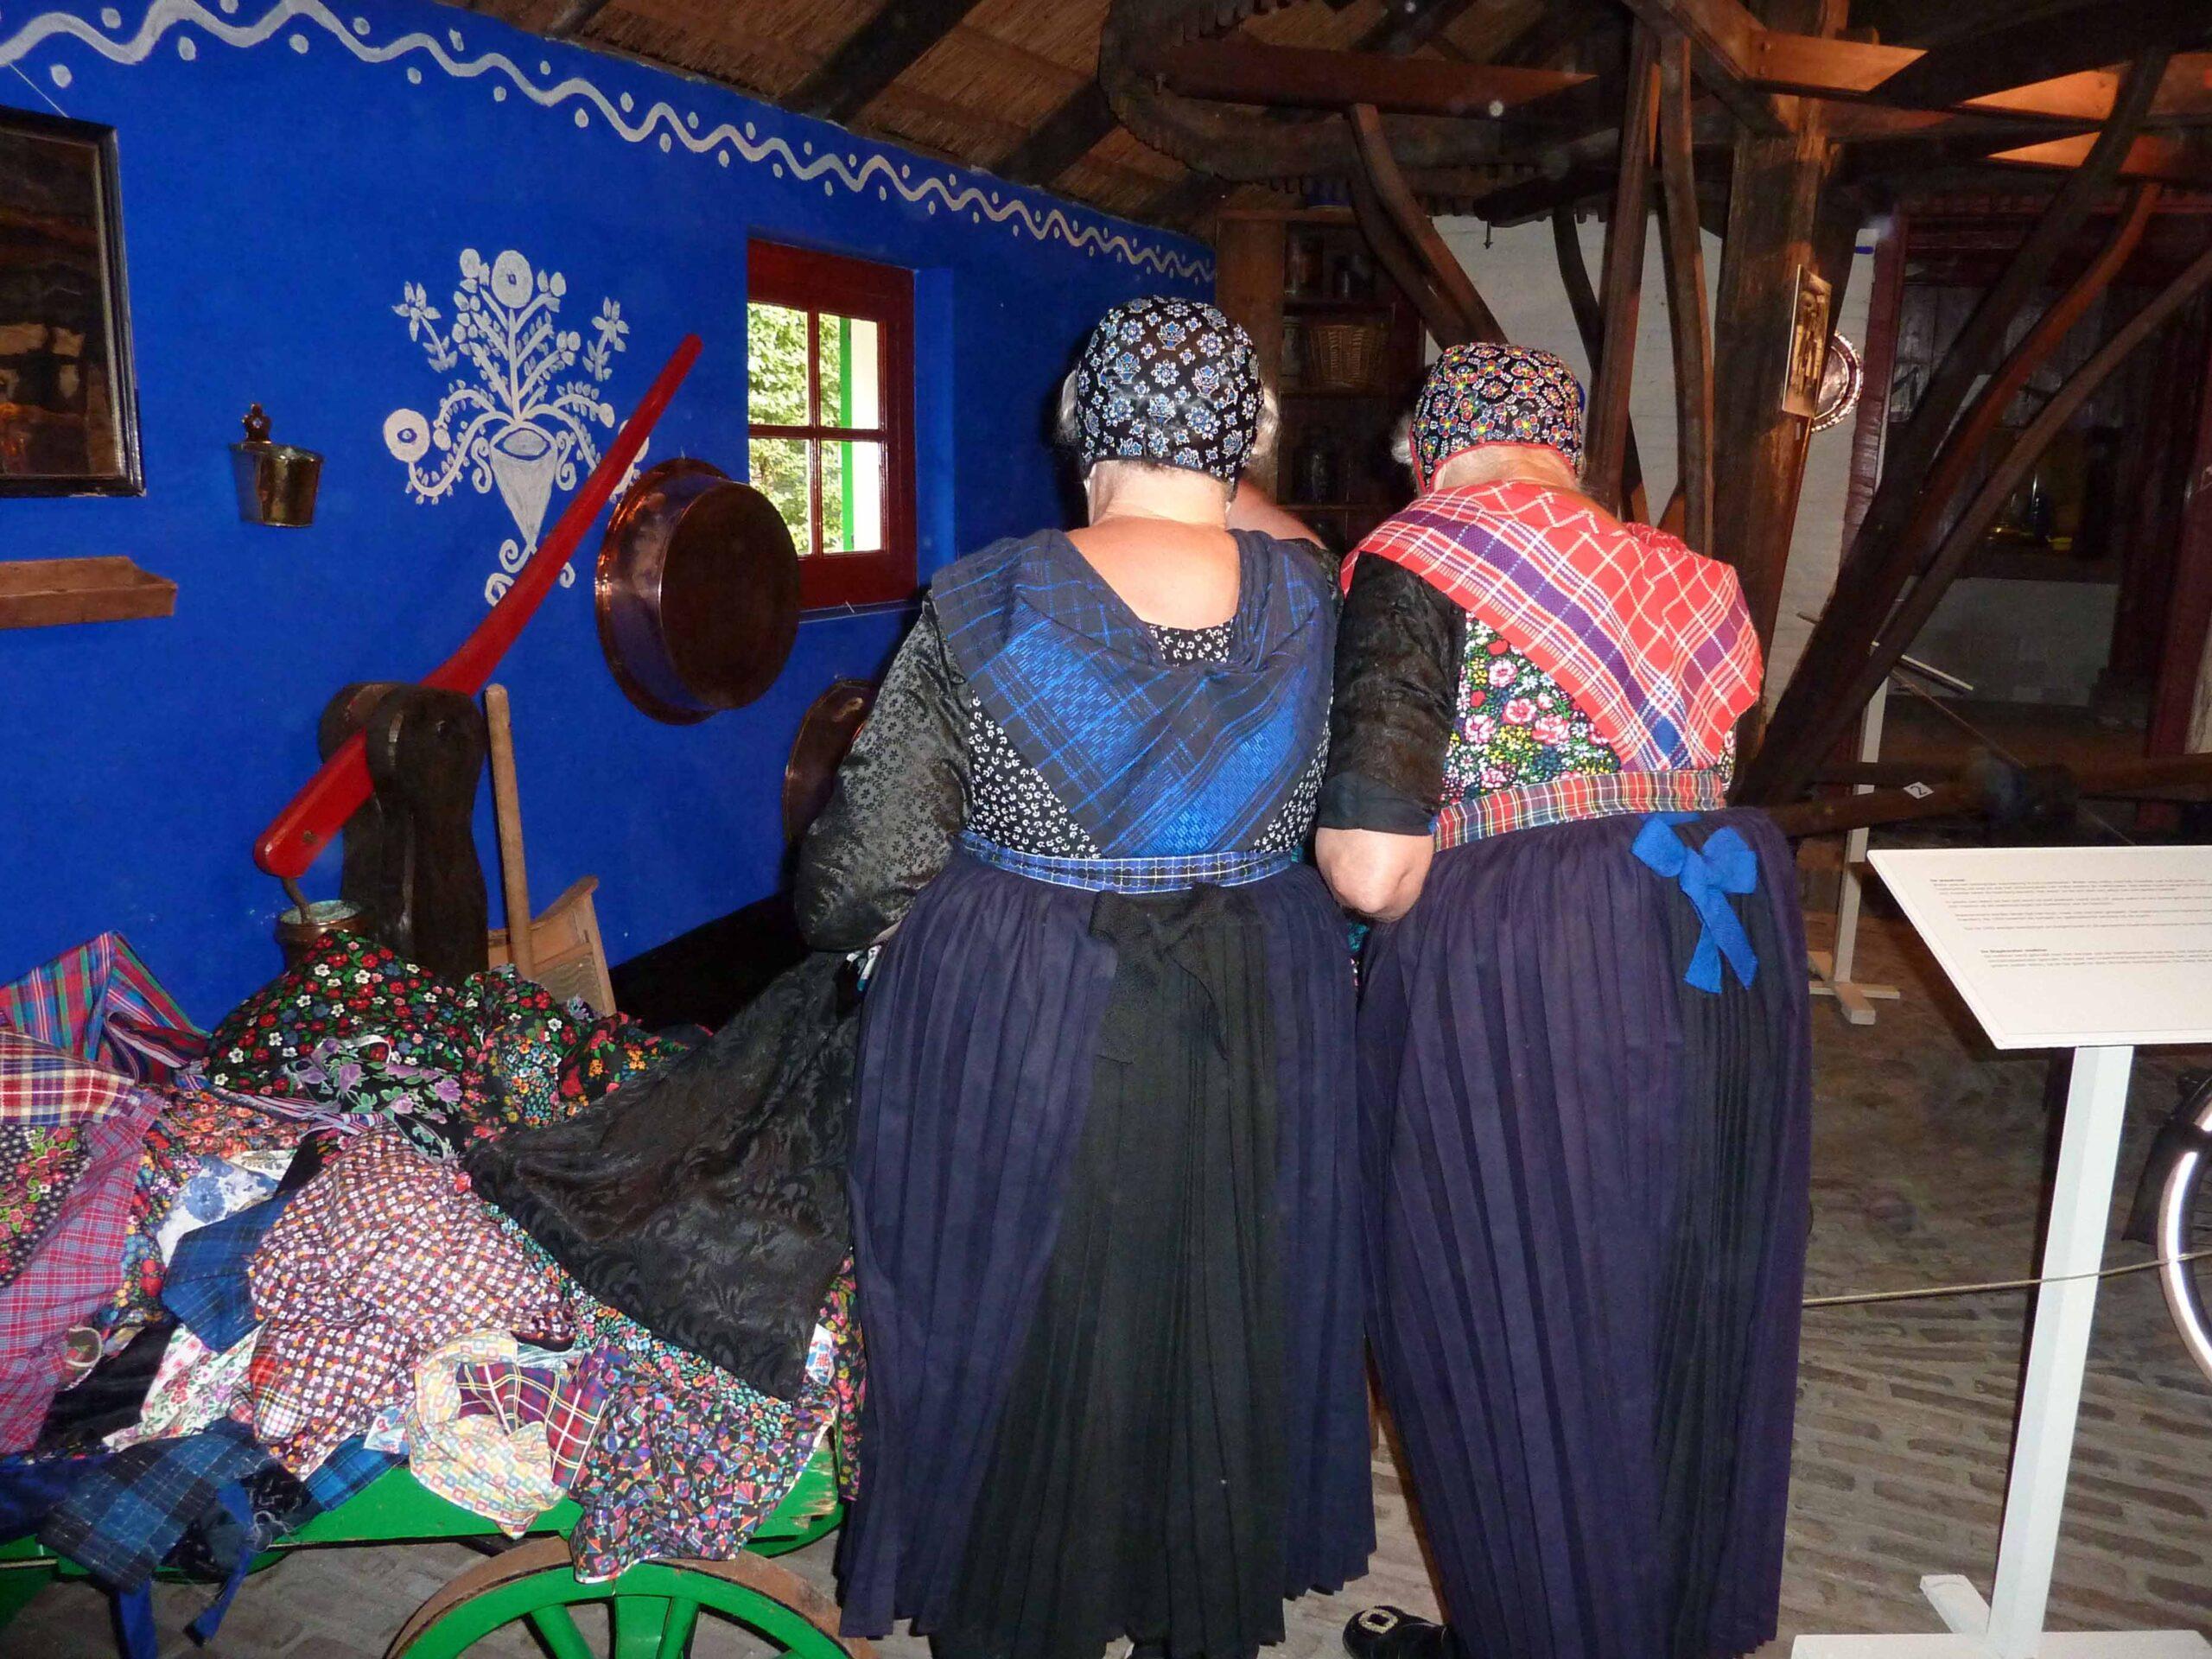 twee dames in Staphorster klederdracht an achter in beeld gebracht